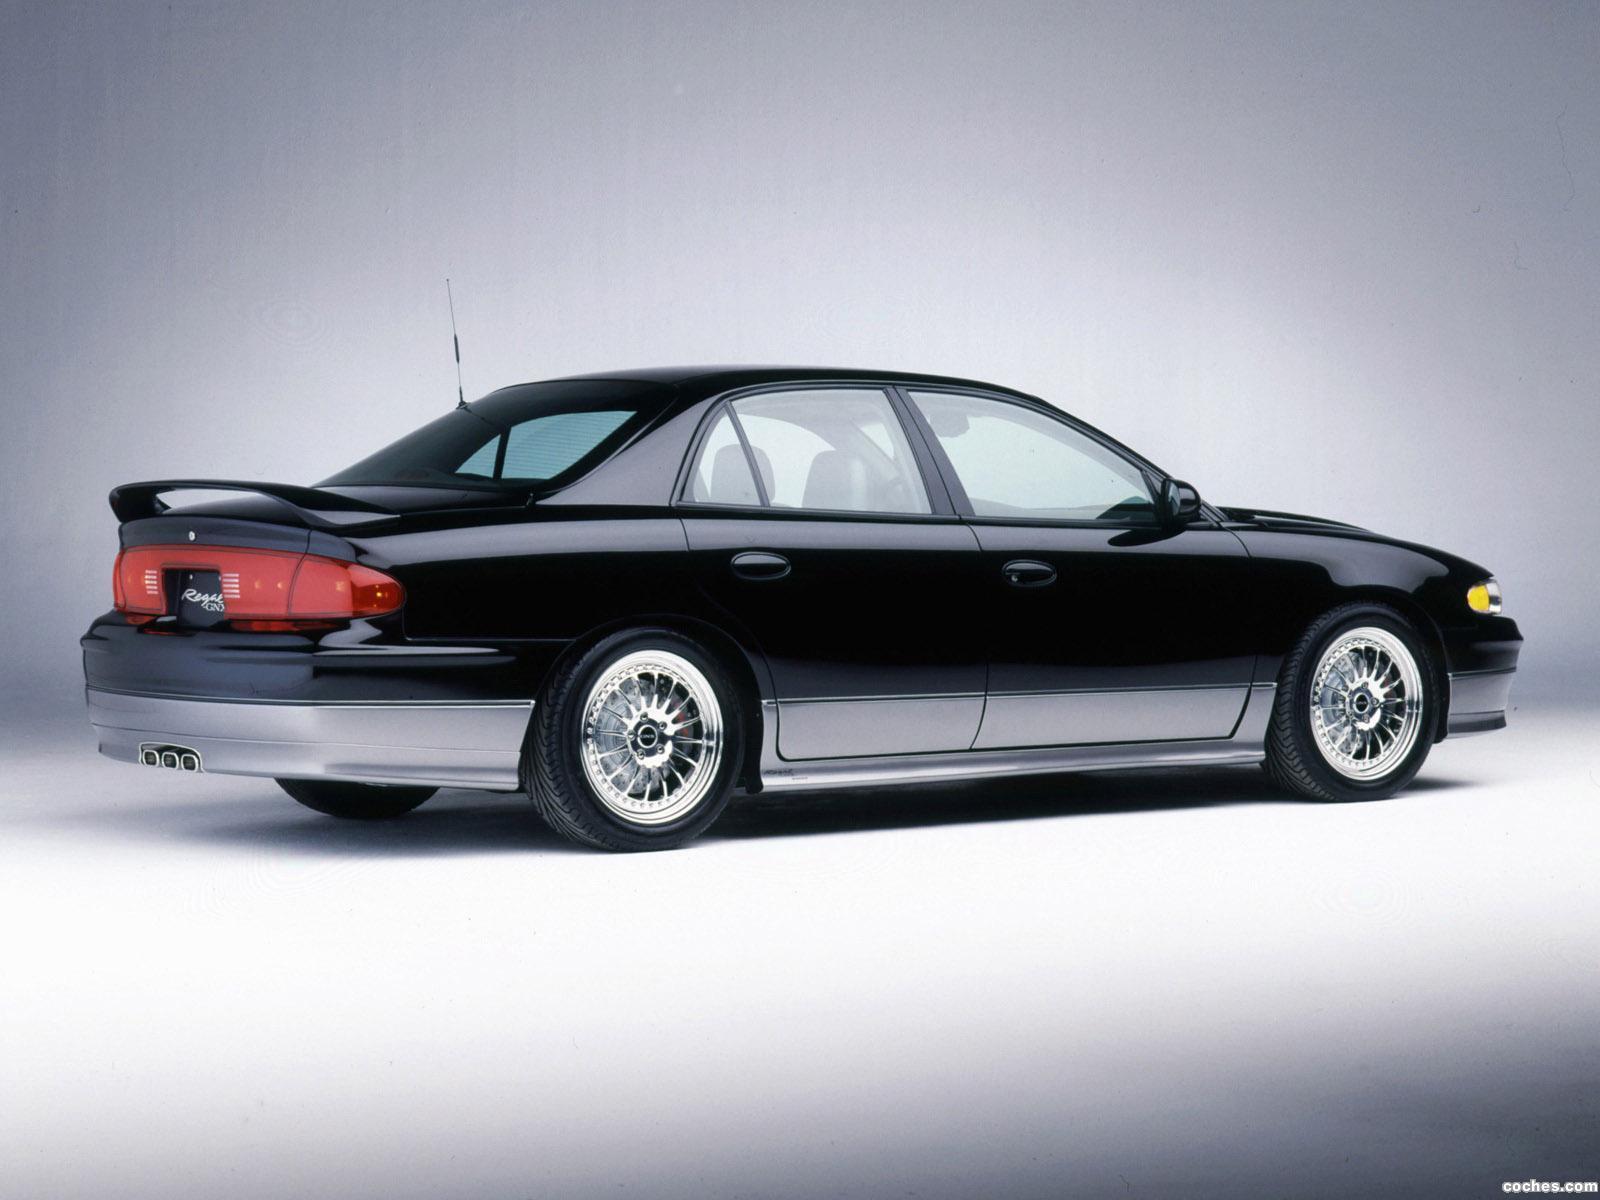 Foto 1 de Buick Regal GNX Show Car 2000